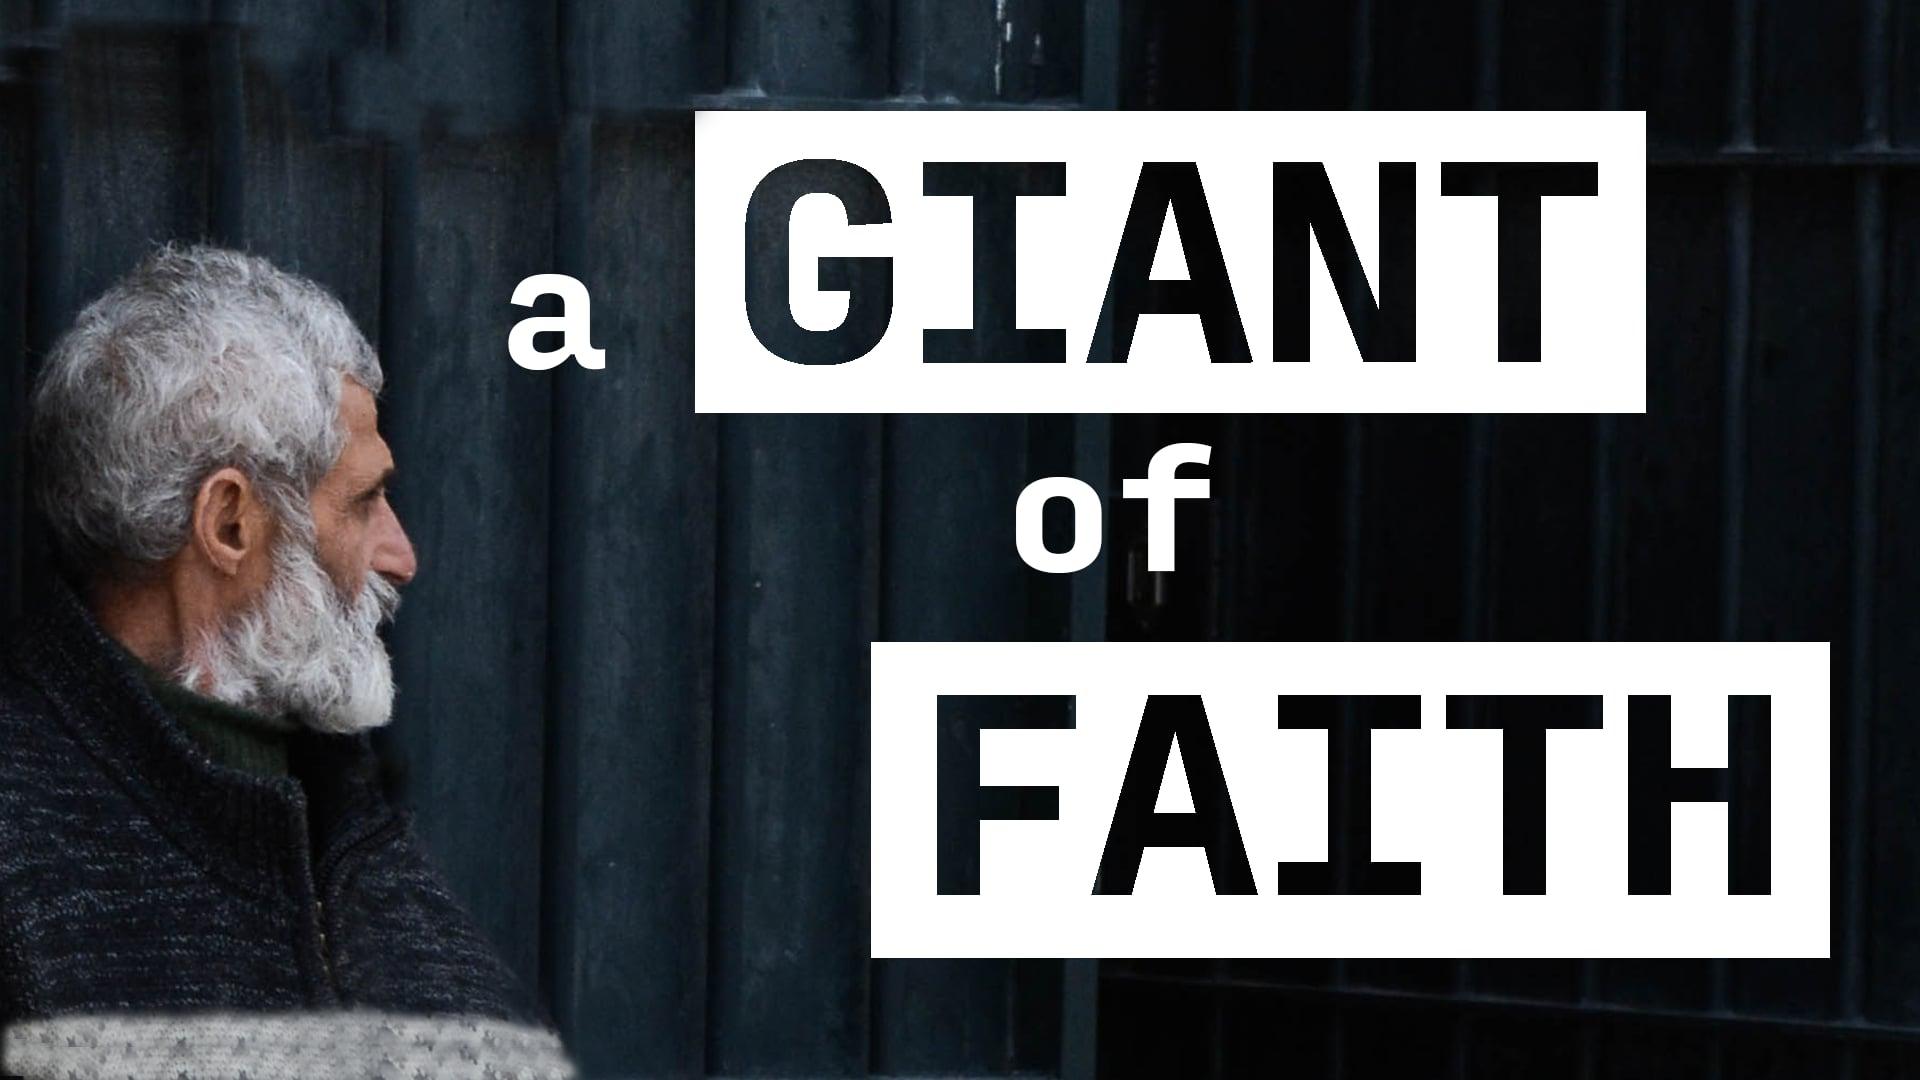 A Giant of Faith